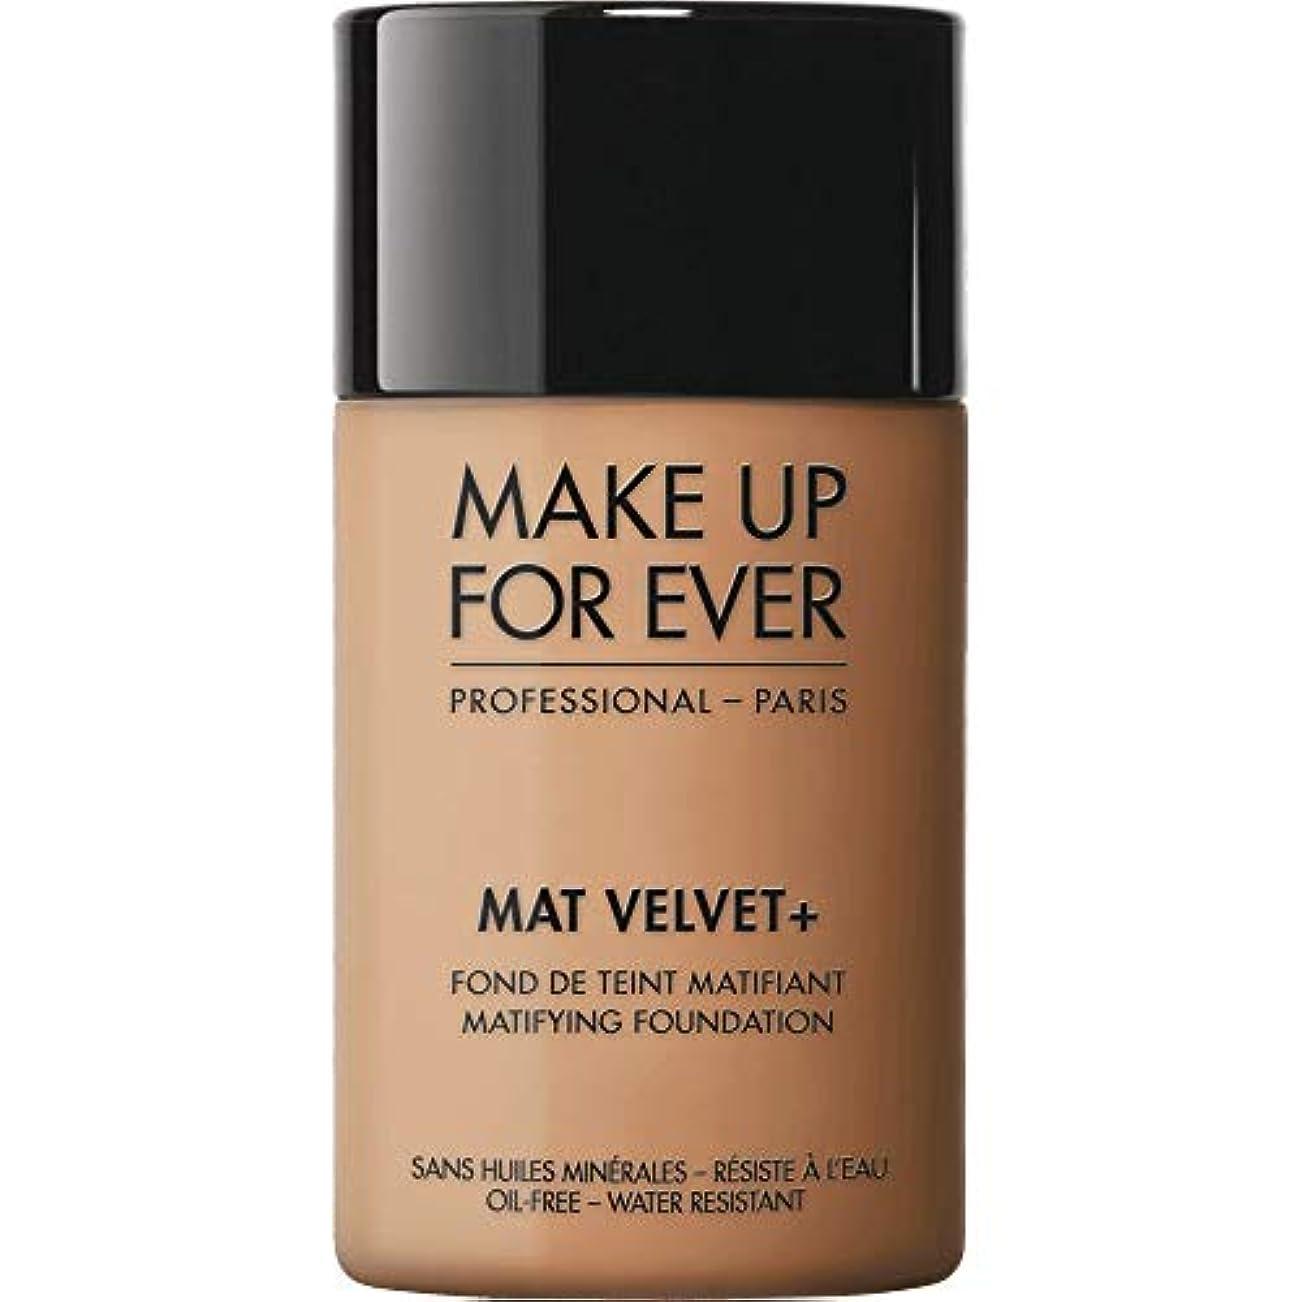 に応じてスリラー検索エンジン最適化[MAKE UP FOR EVER ] 暖かい琥珀 - これまでマットベルベット+マティファイングの基礎30ミリリットル67を補います - MAKE UP FOR EVER Mat Velvet+ Matifying Foundation...